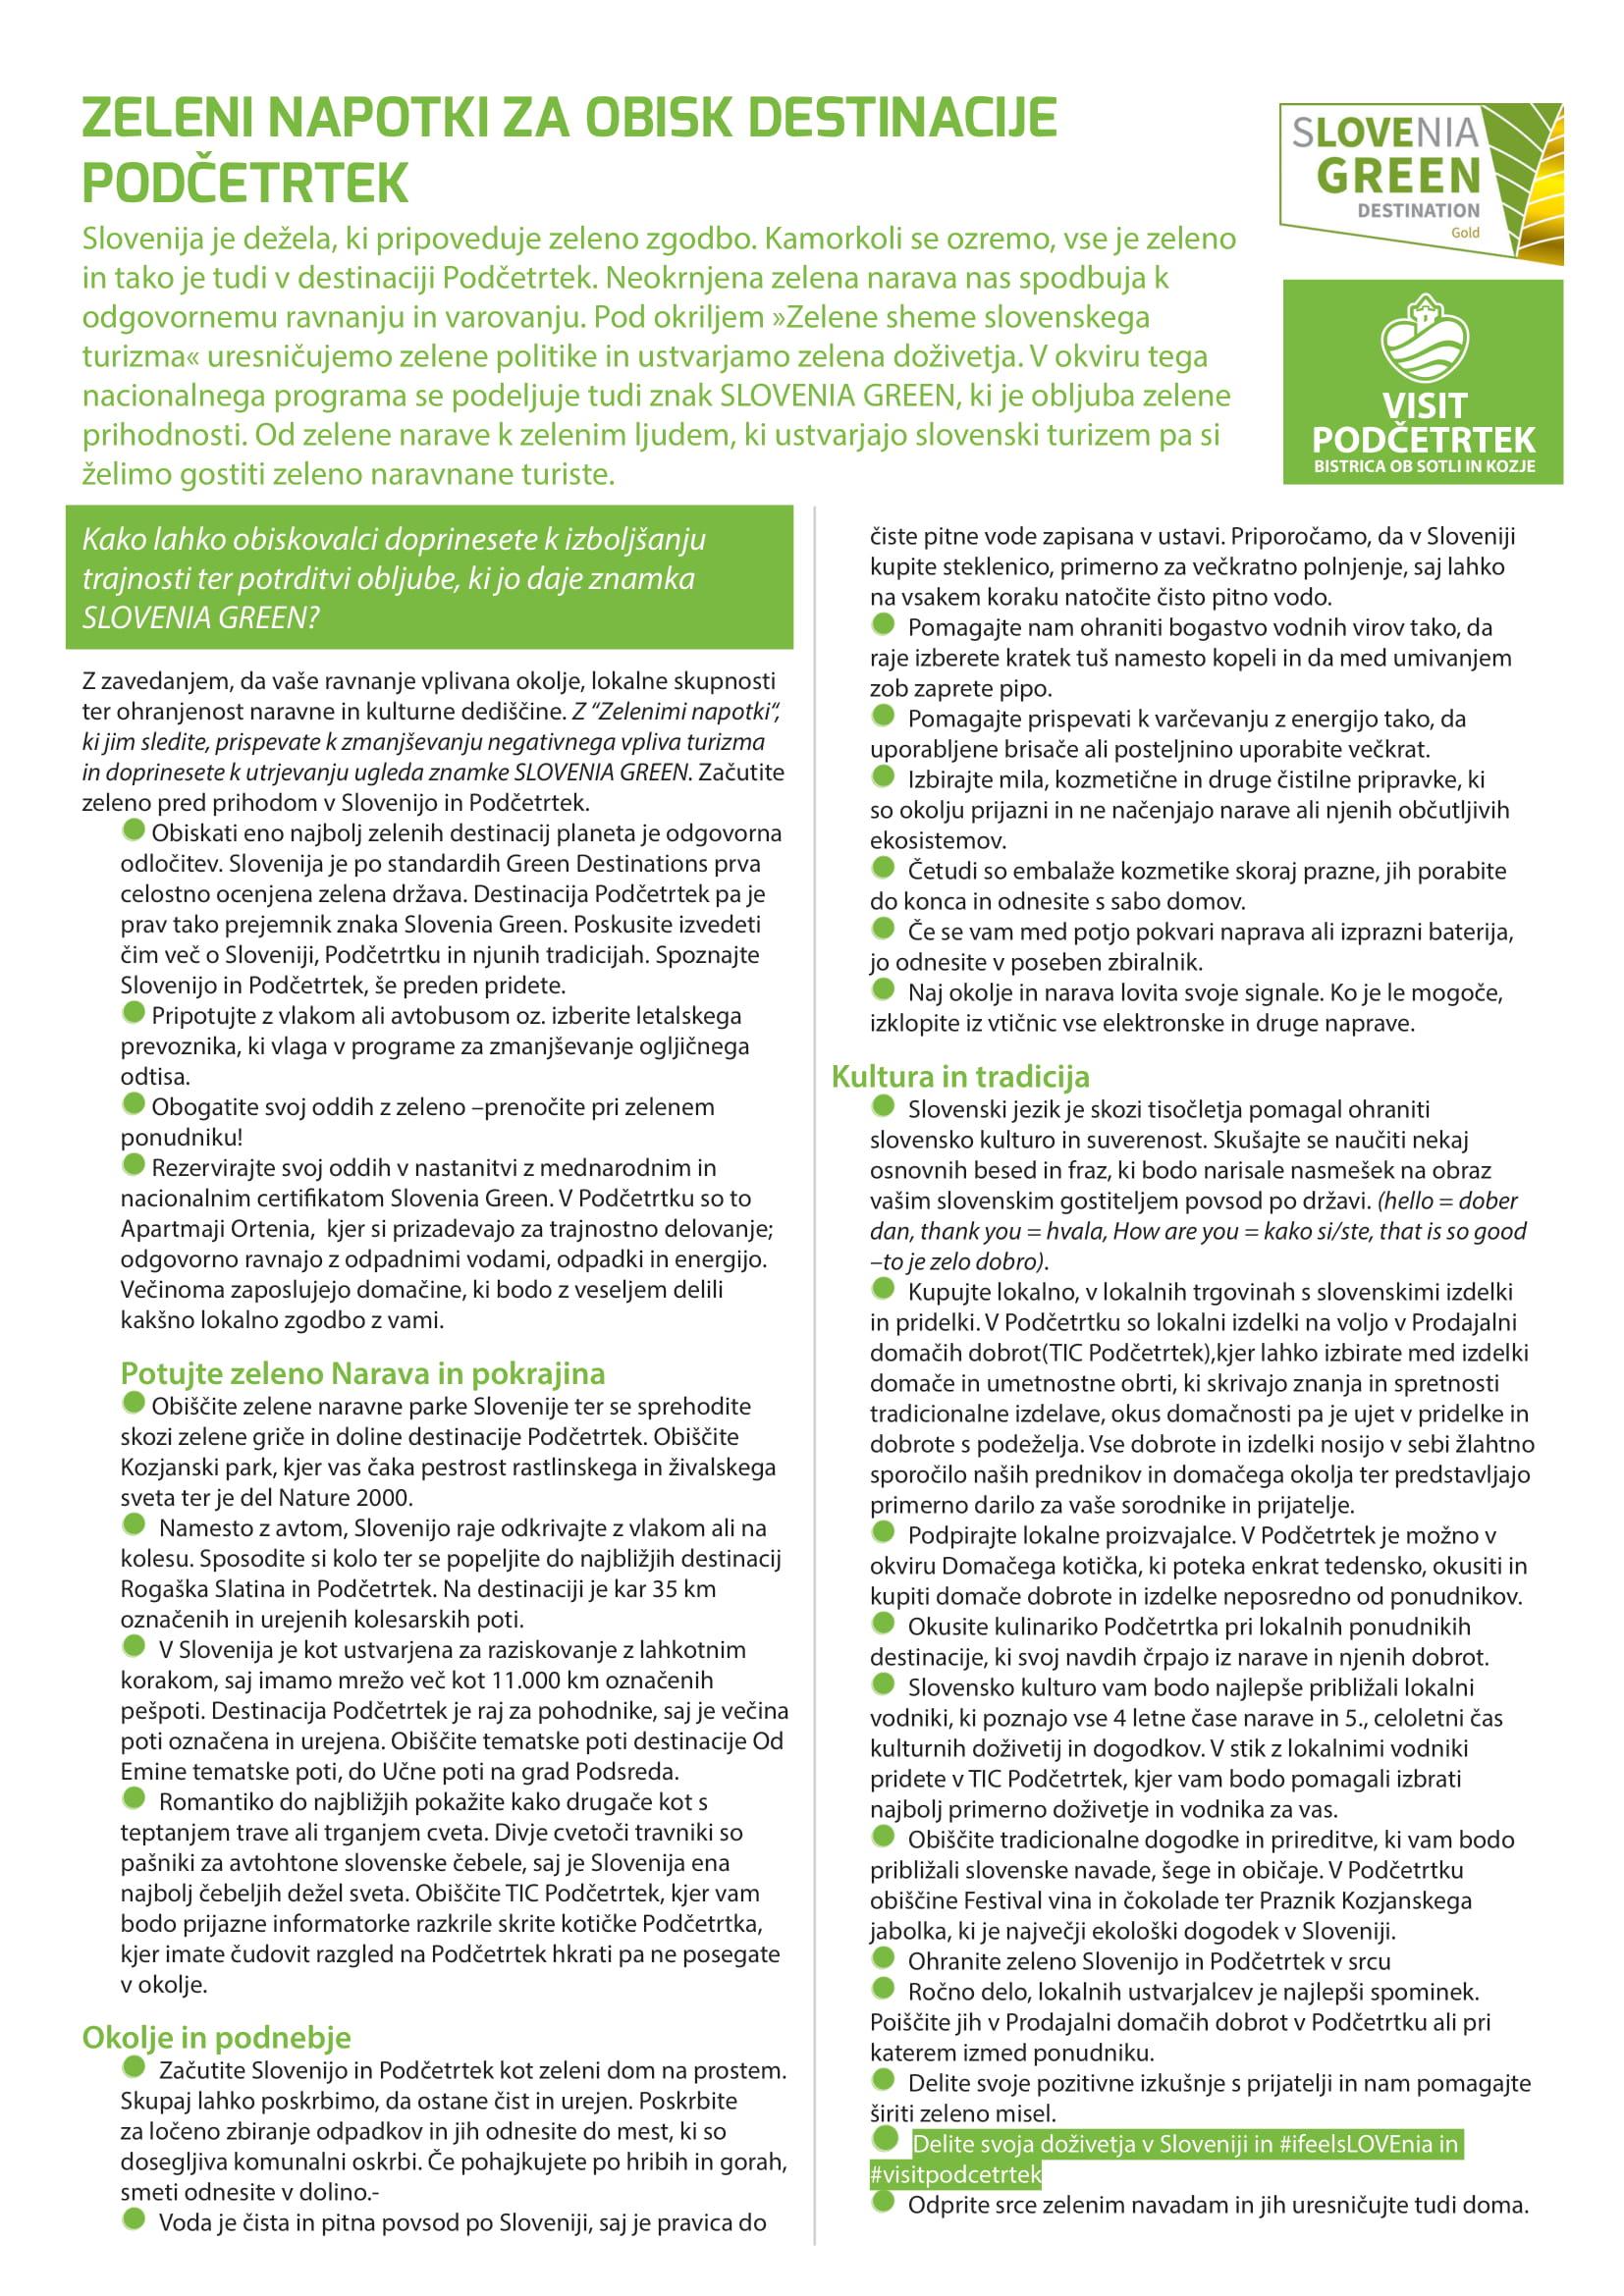 A4 zeleni napotki-1